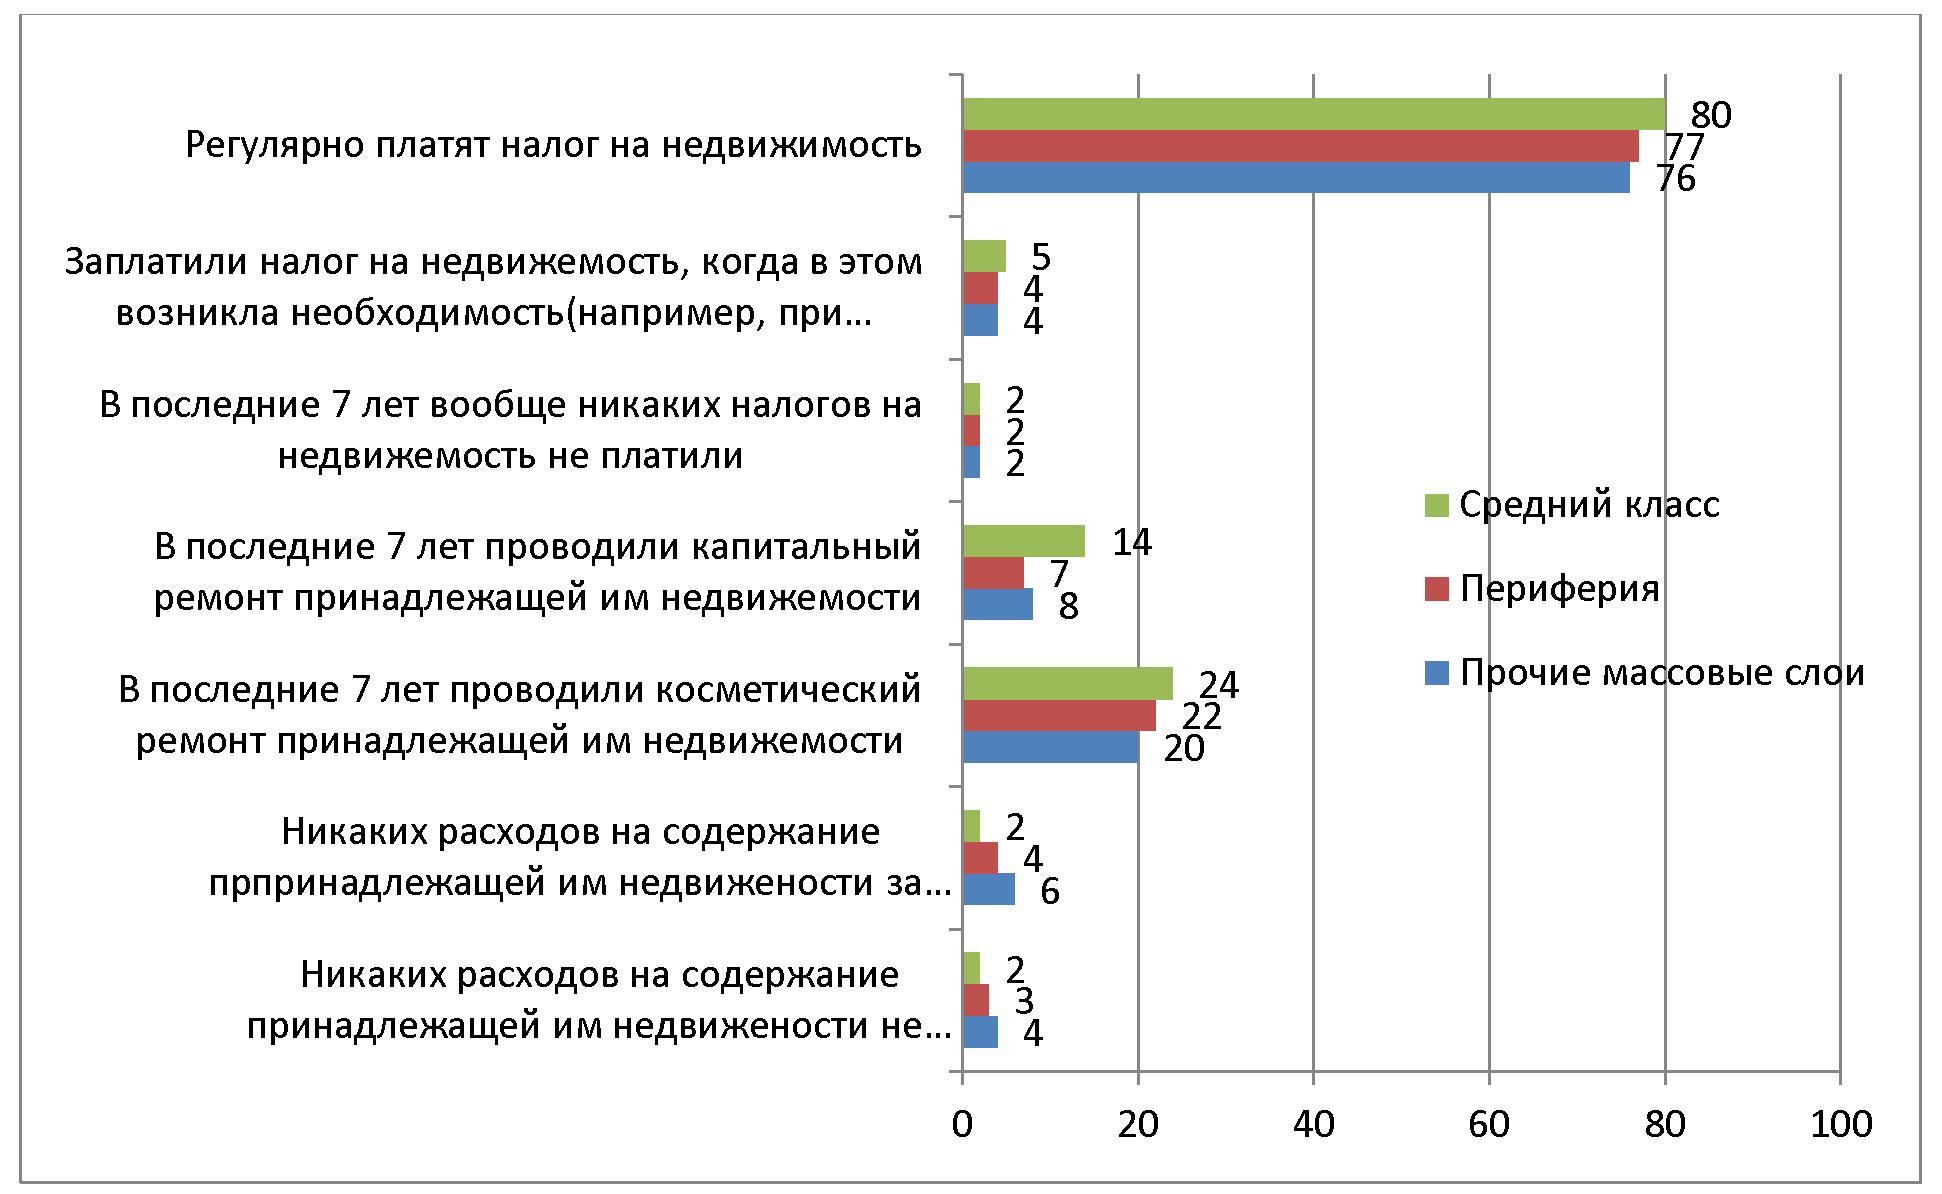 Что значит в России «средний класс» и кто в него входит?